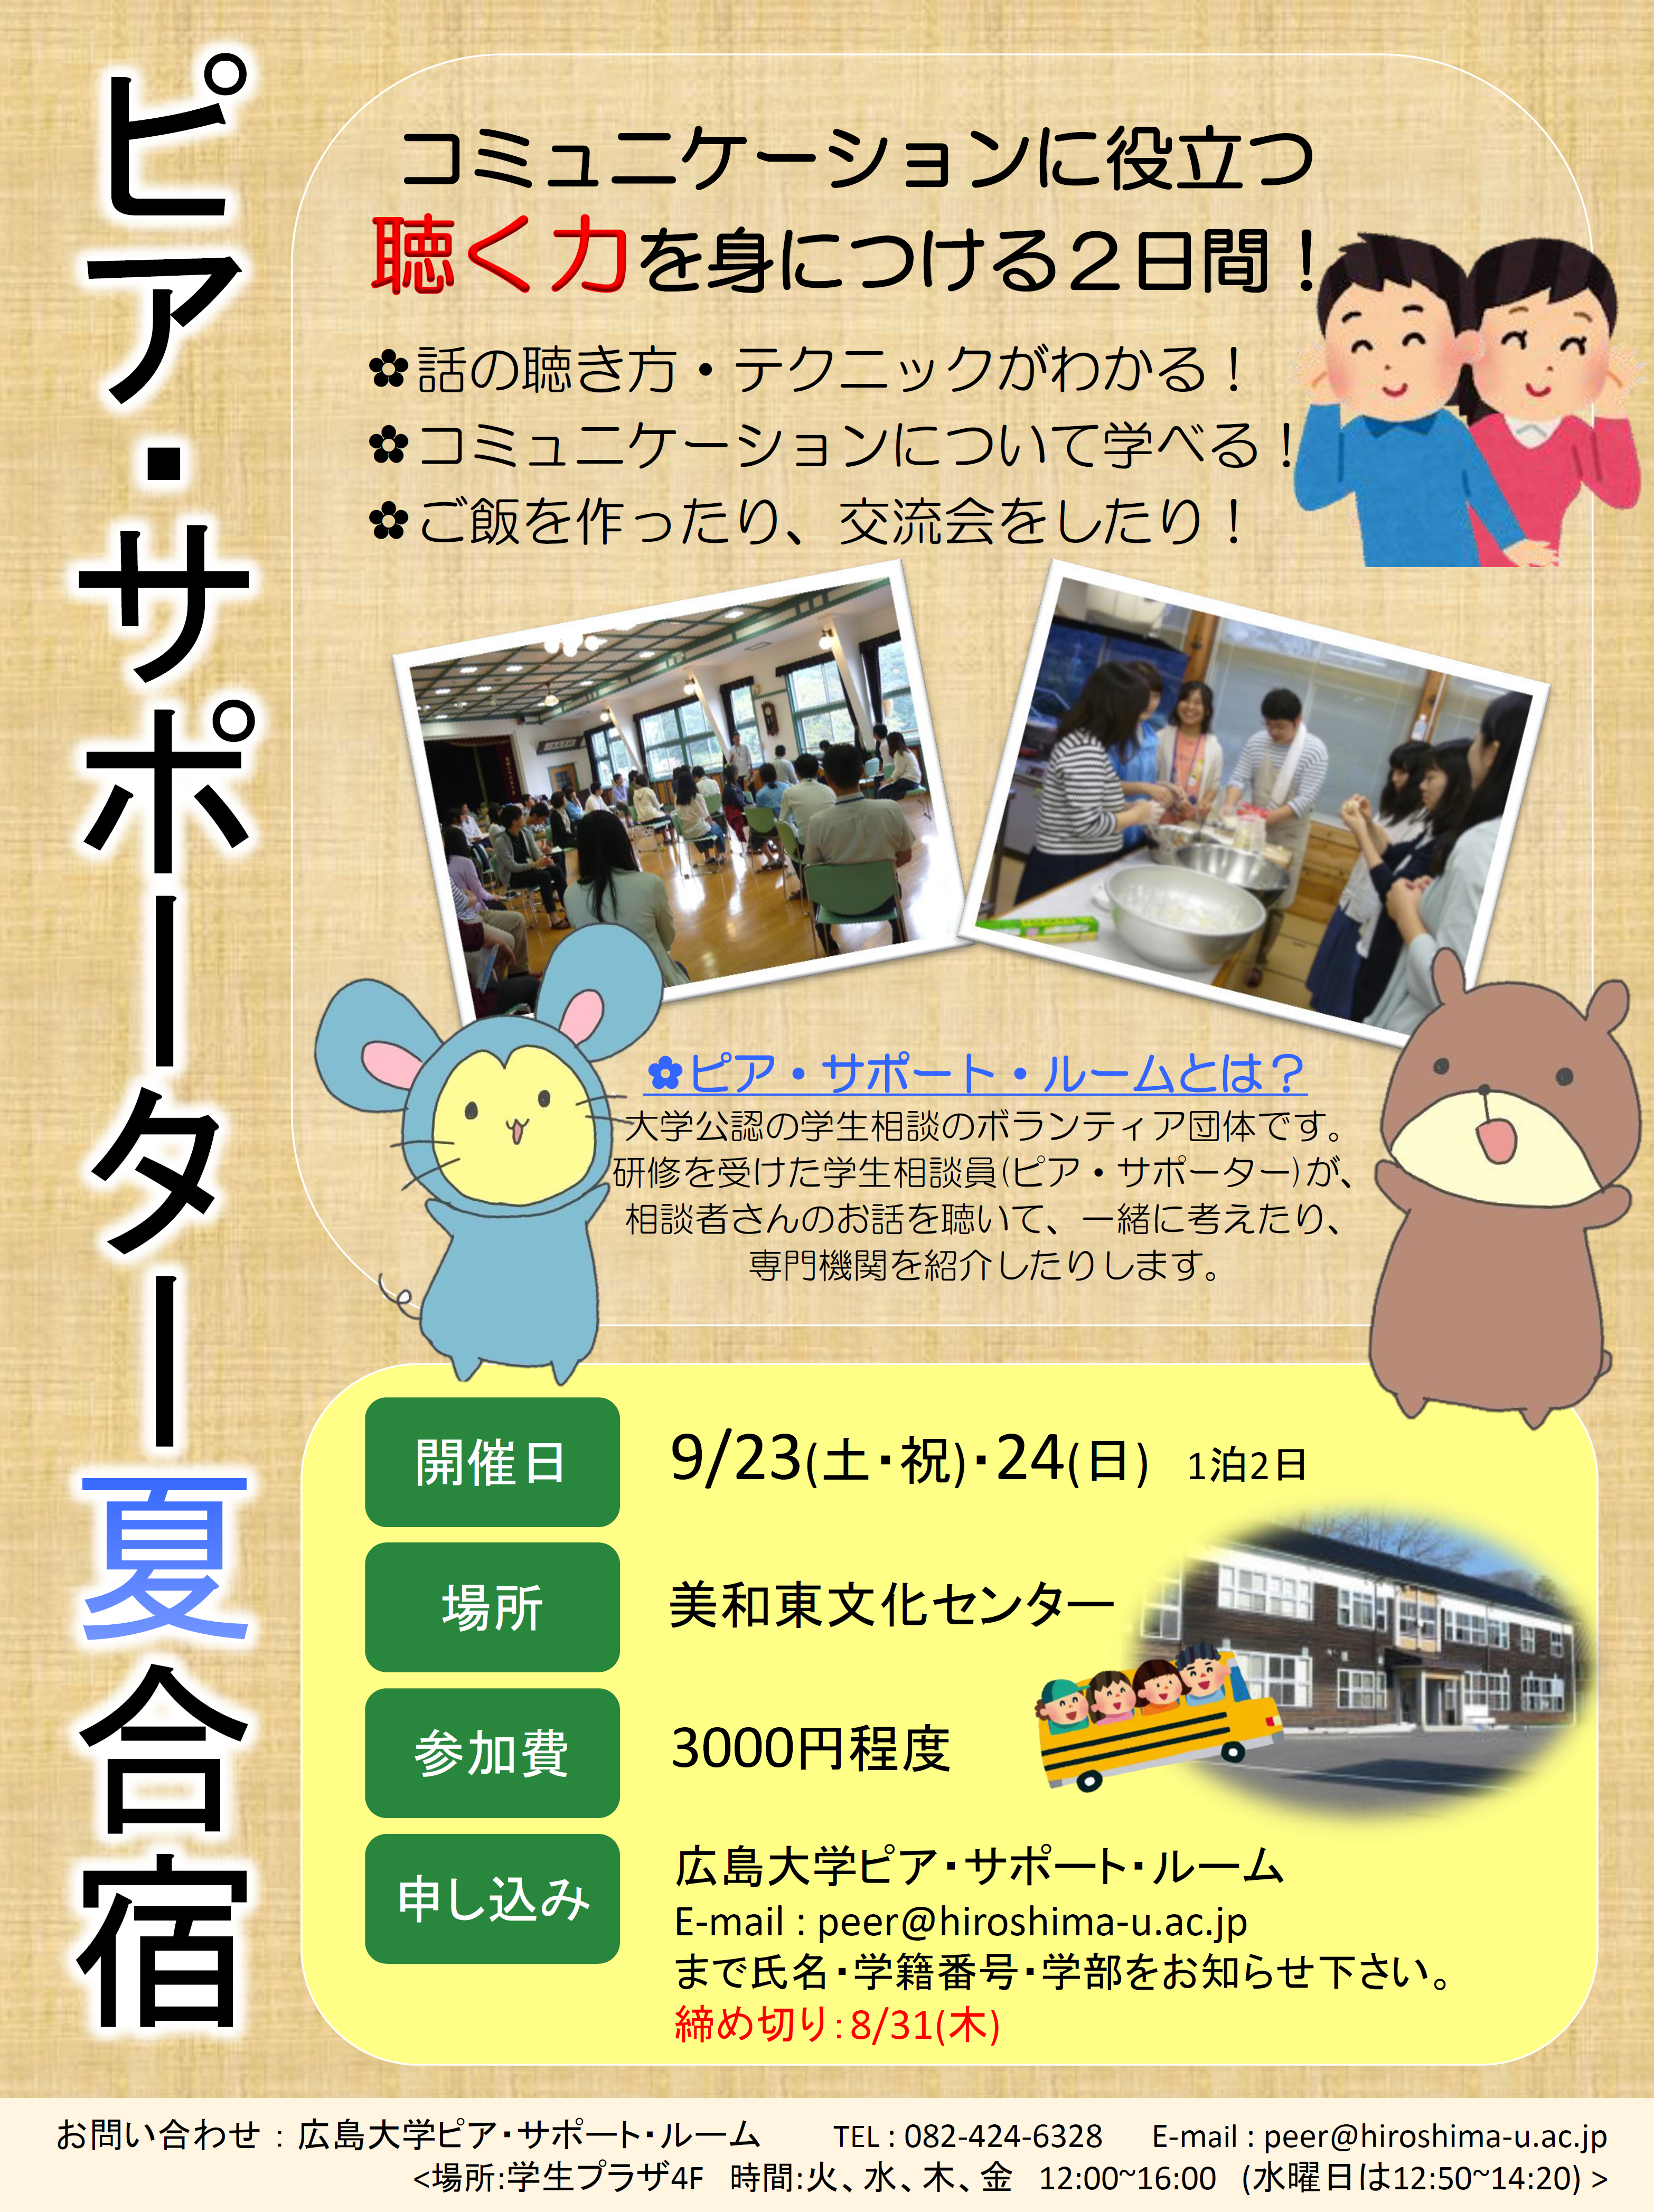 ピア・サポーター夏合宿を実施します!【広島大学ピア・サポート・ルーム】